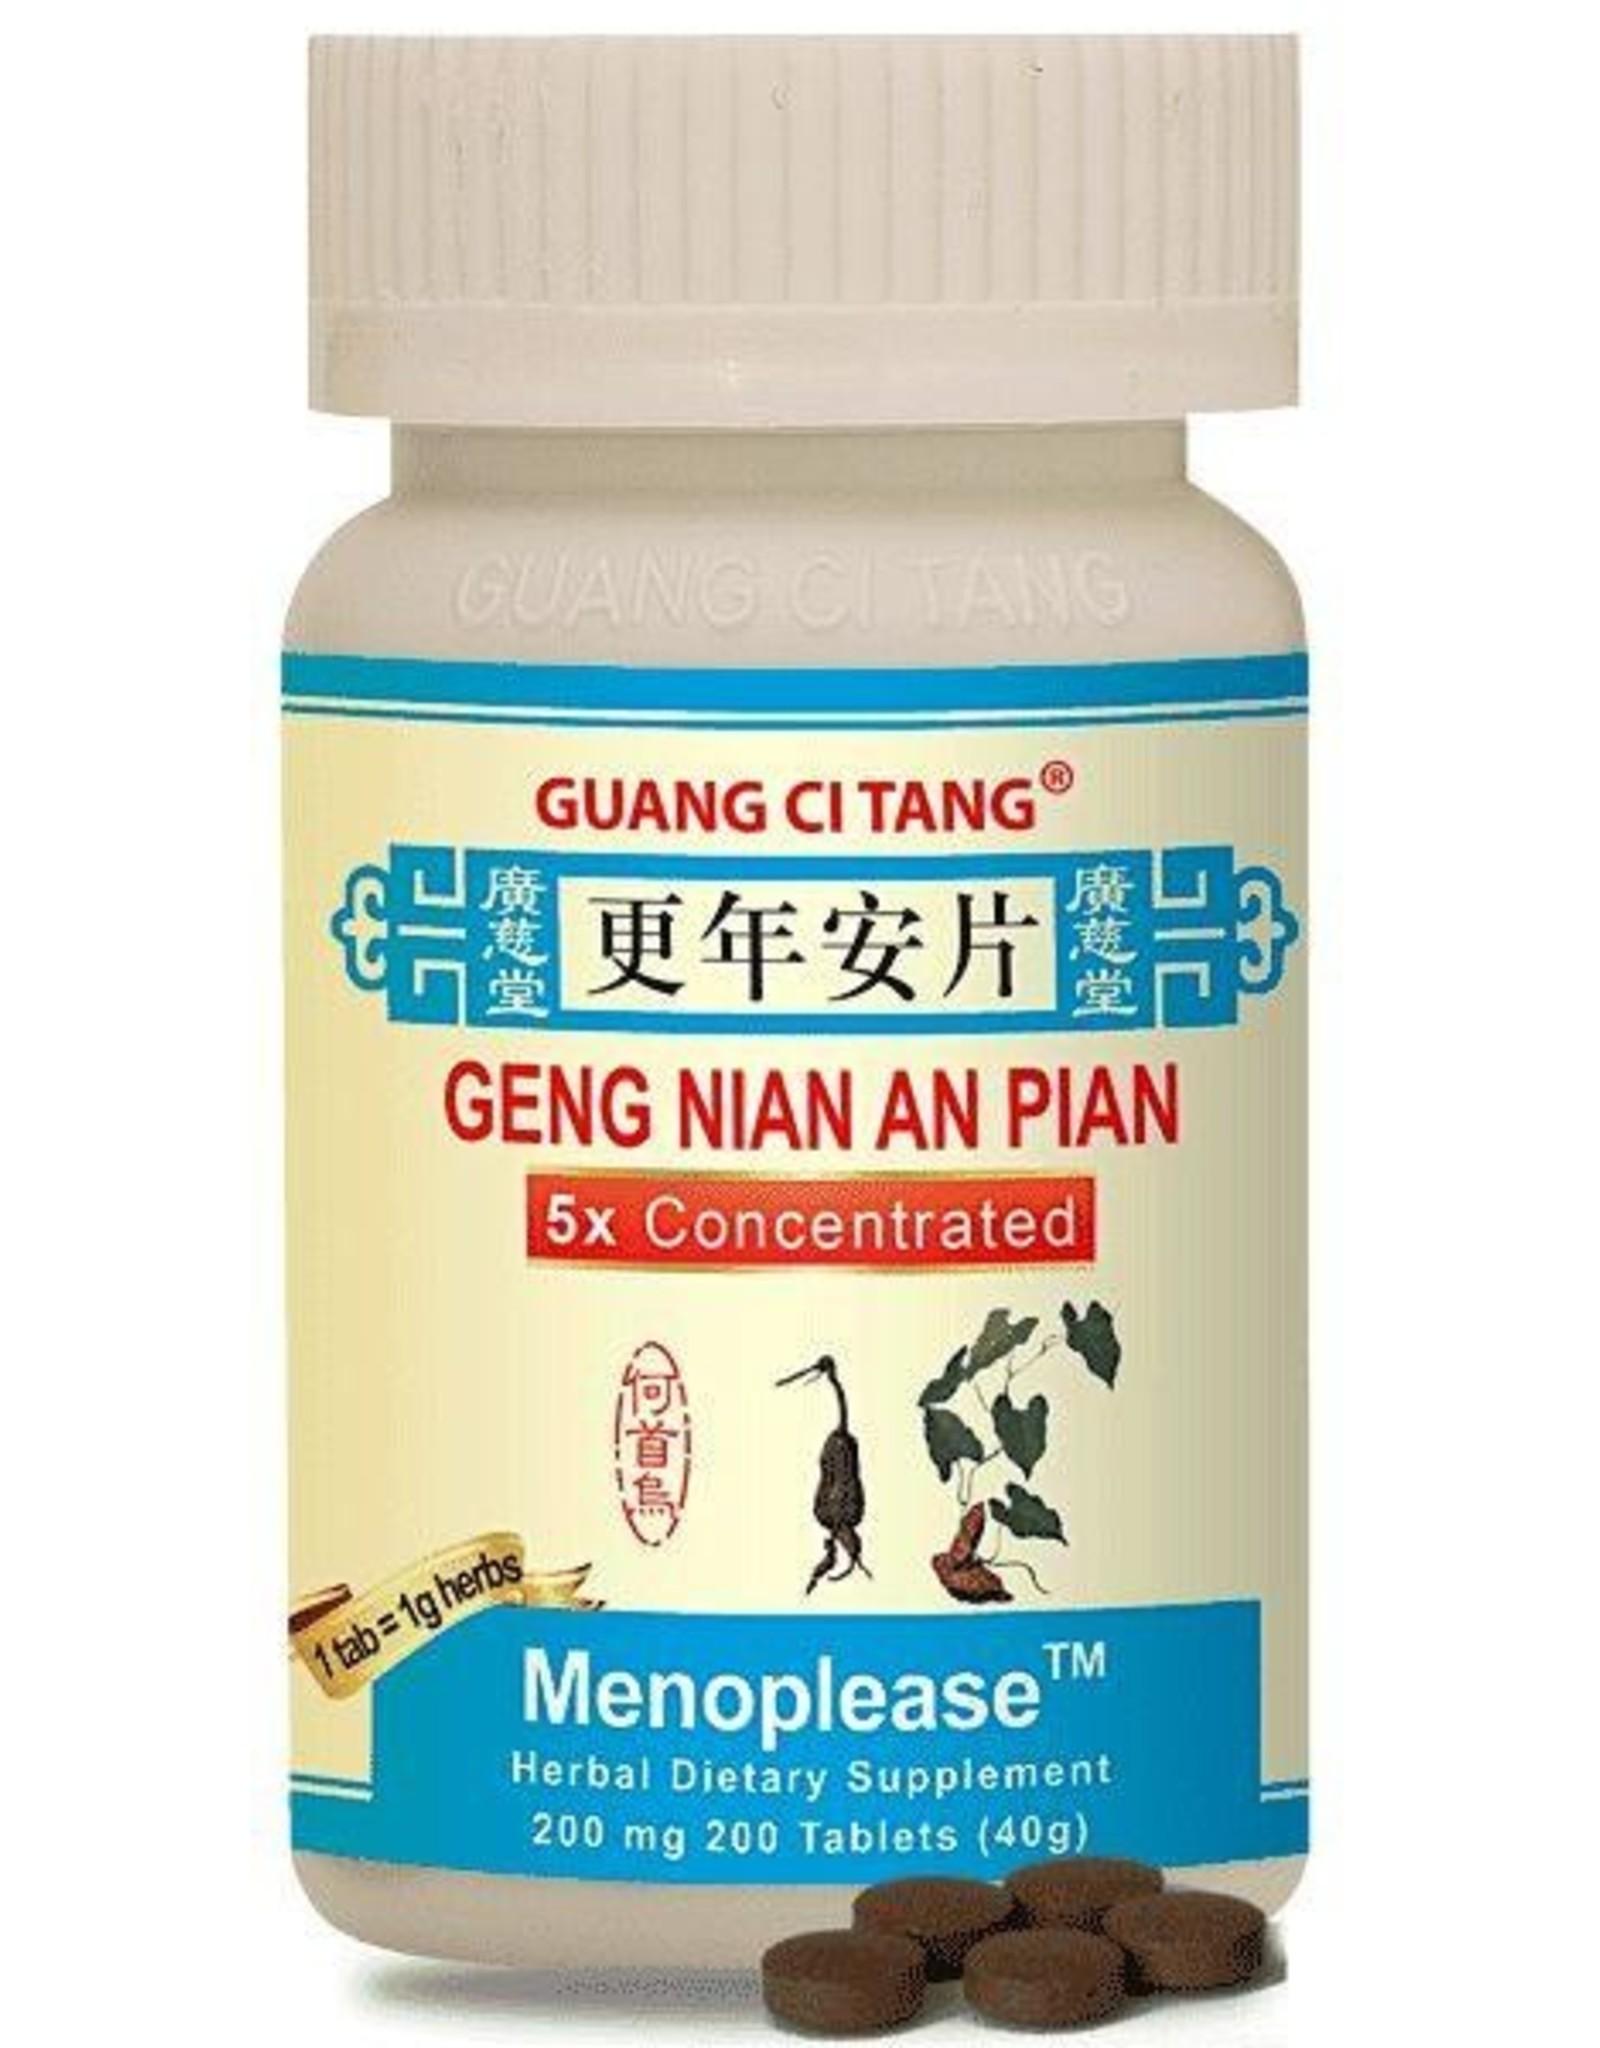 Guang Ci Tang Geng Nian An Pian - Menoplease